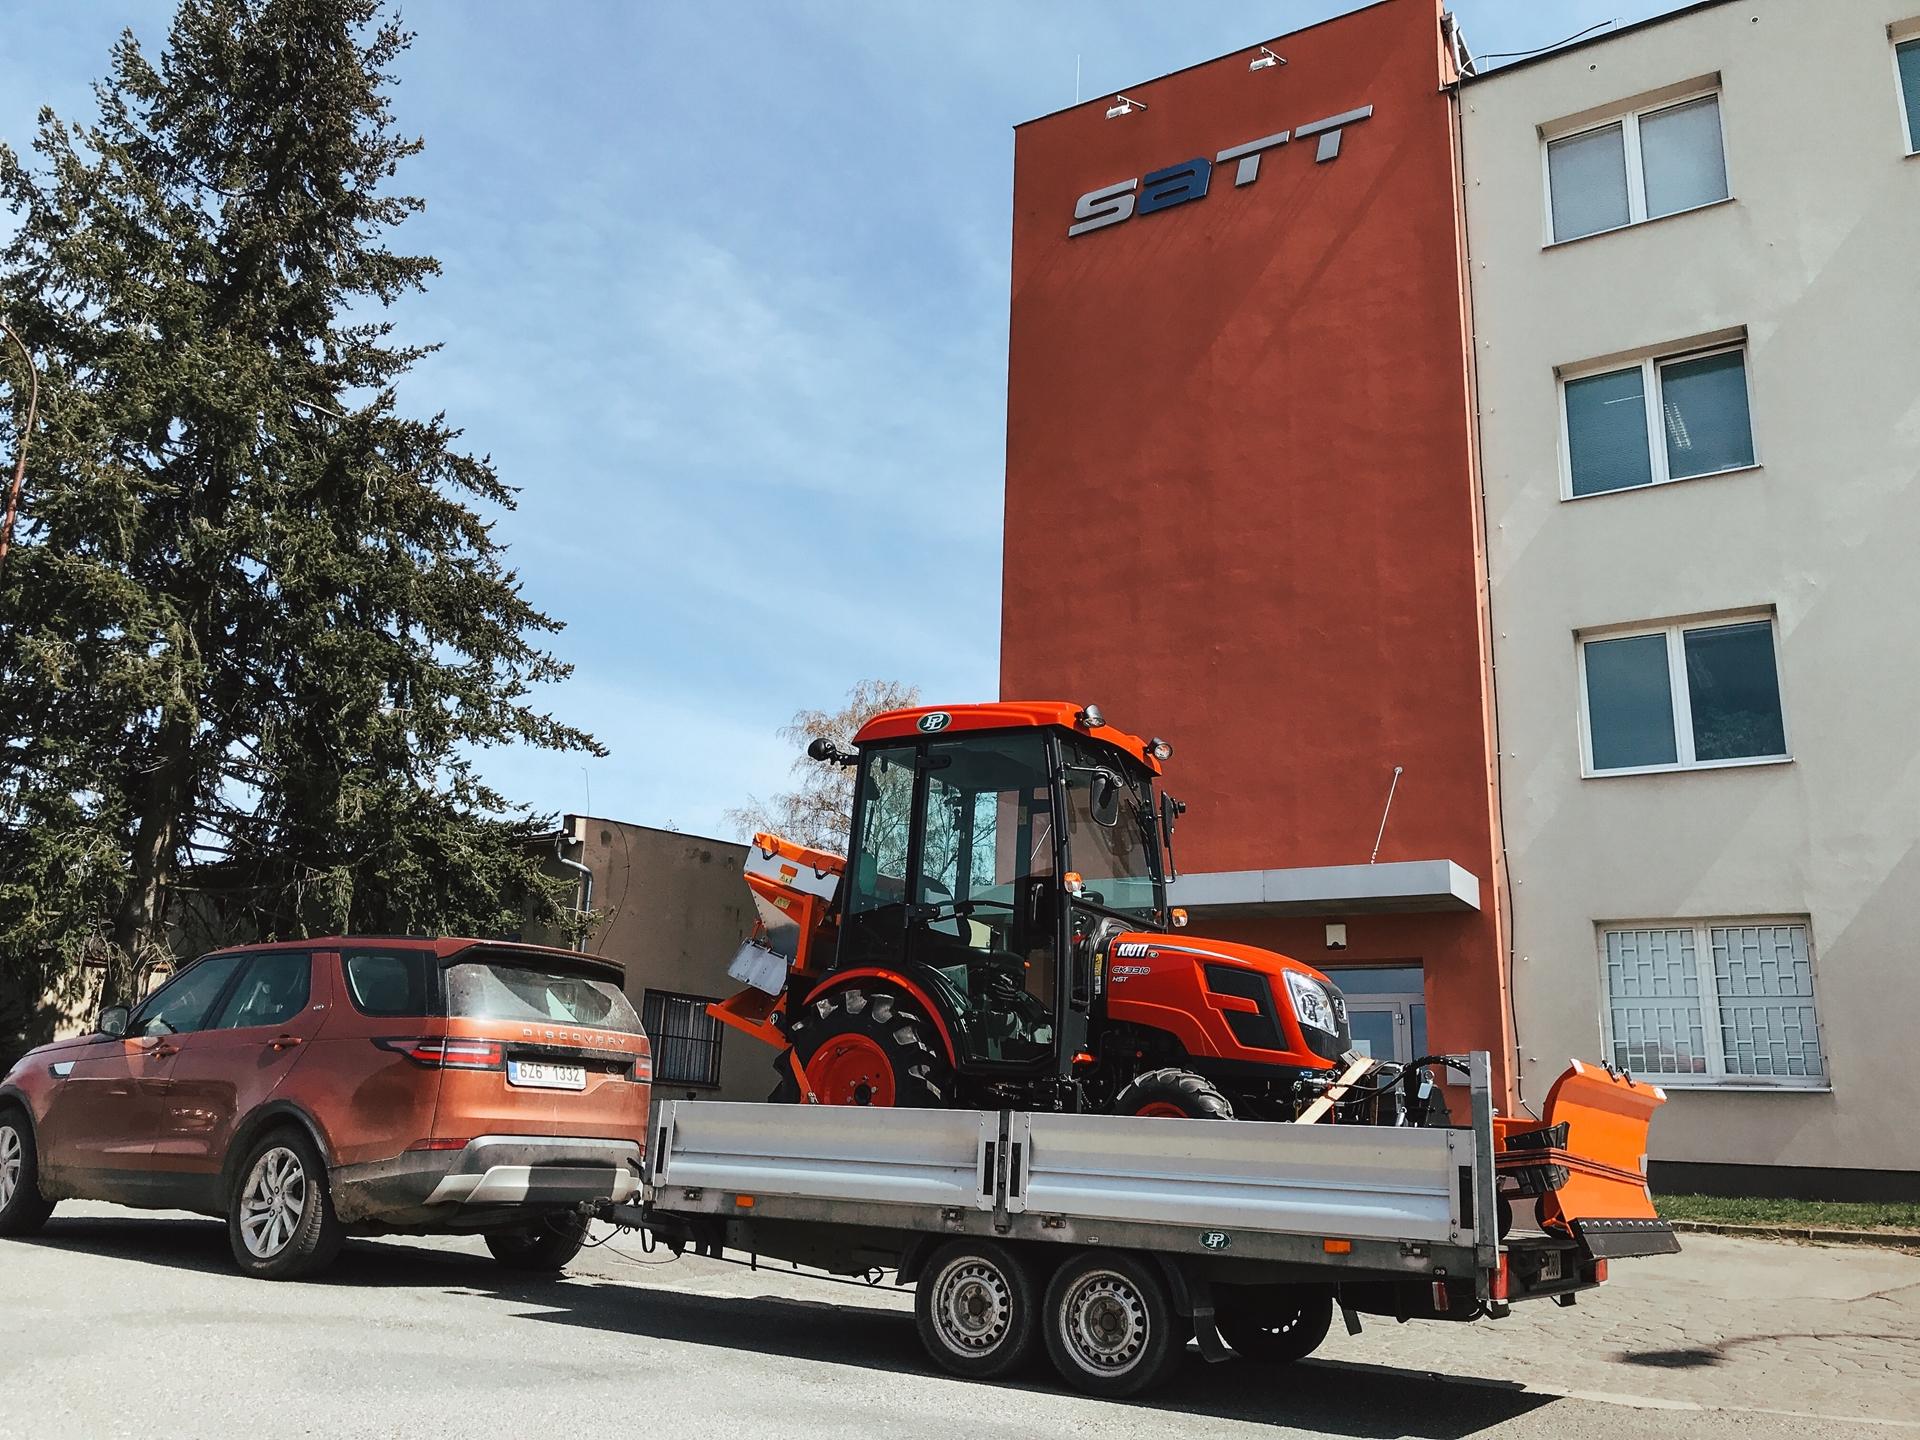 Traktor-Kioti-SATT-Zdar-nad-Sazavou.JPG